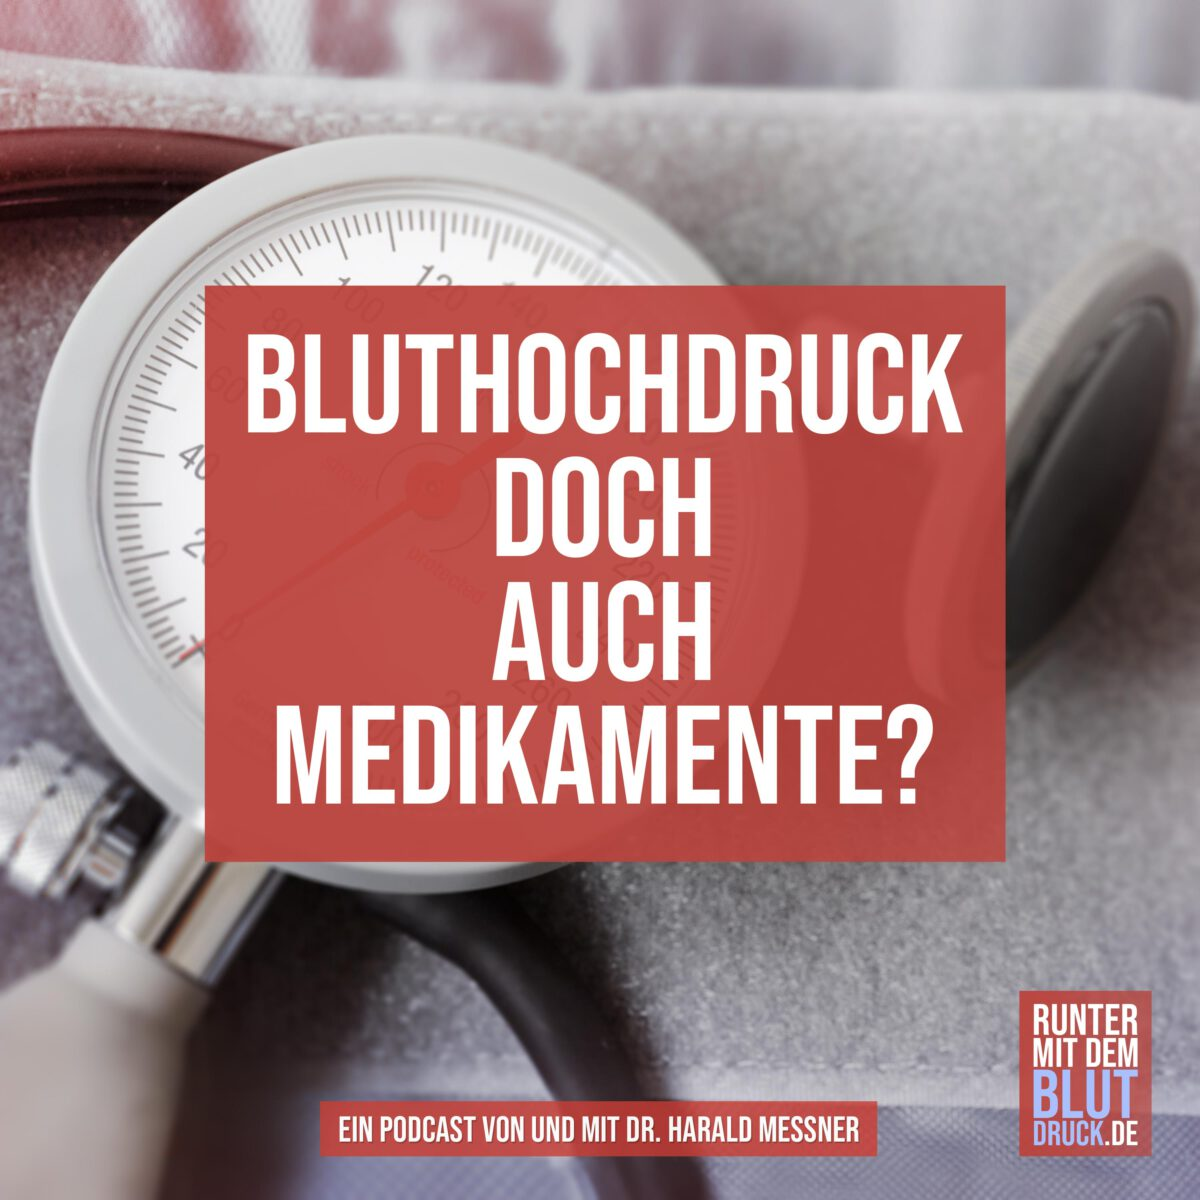 Bluthochdruck – doch auch Medikamente?